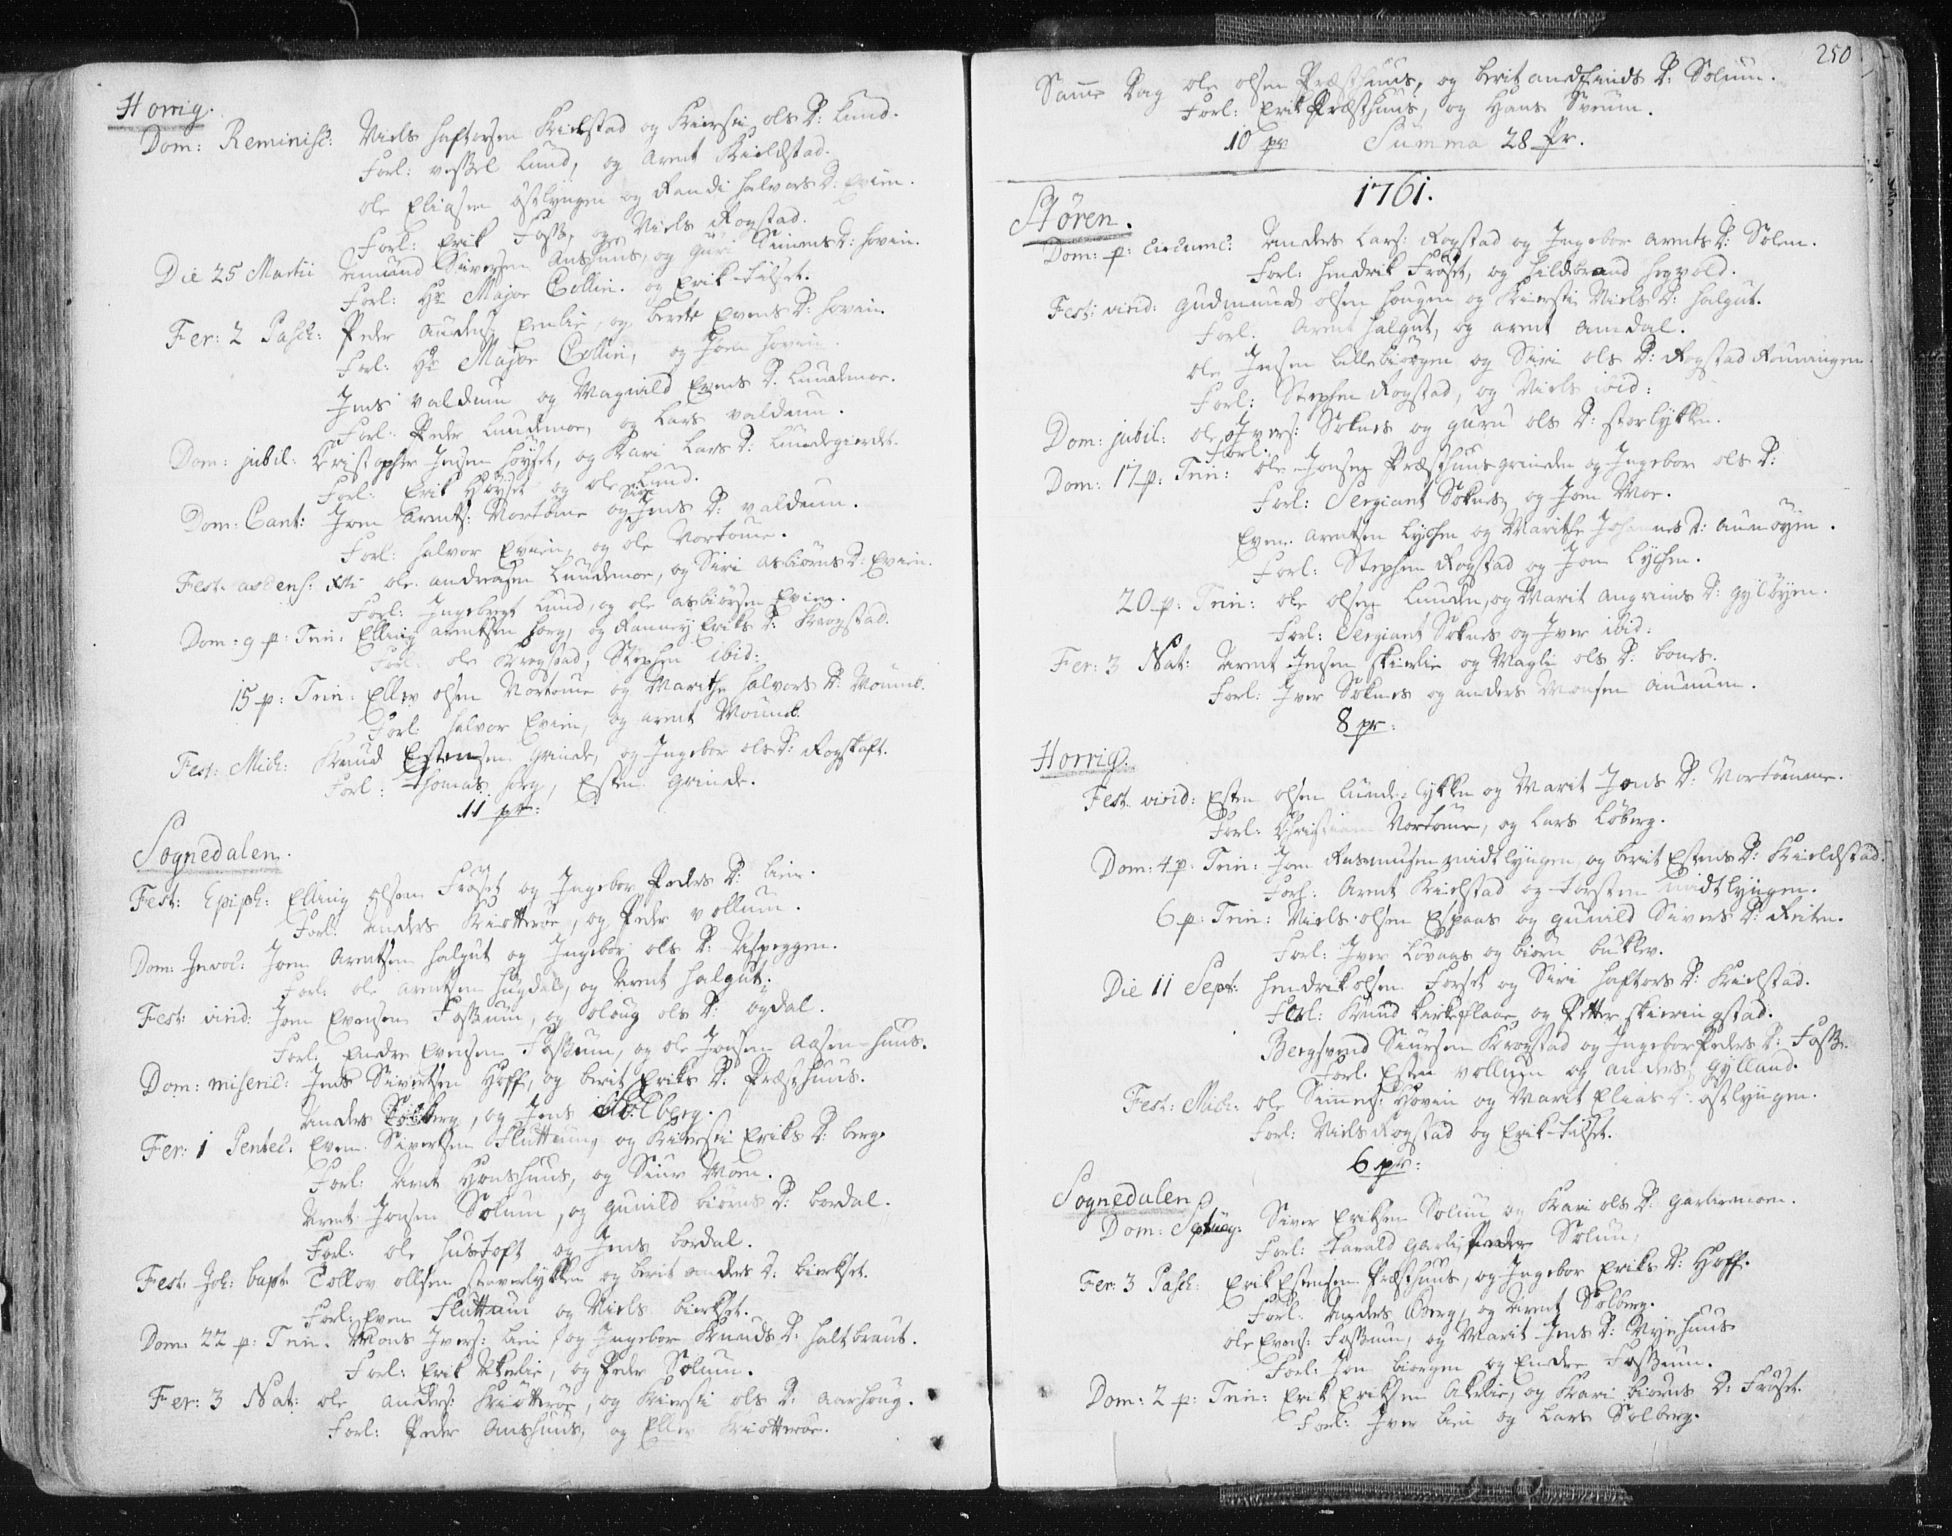 SAT, Ministerialprotokoller, klokkerbøker og fødselsregistre - Sør-Trøndelag, 687/L0991: Ministerialbok nr. 687A02, 1747-1790, s. 250